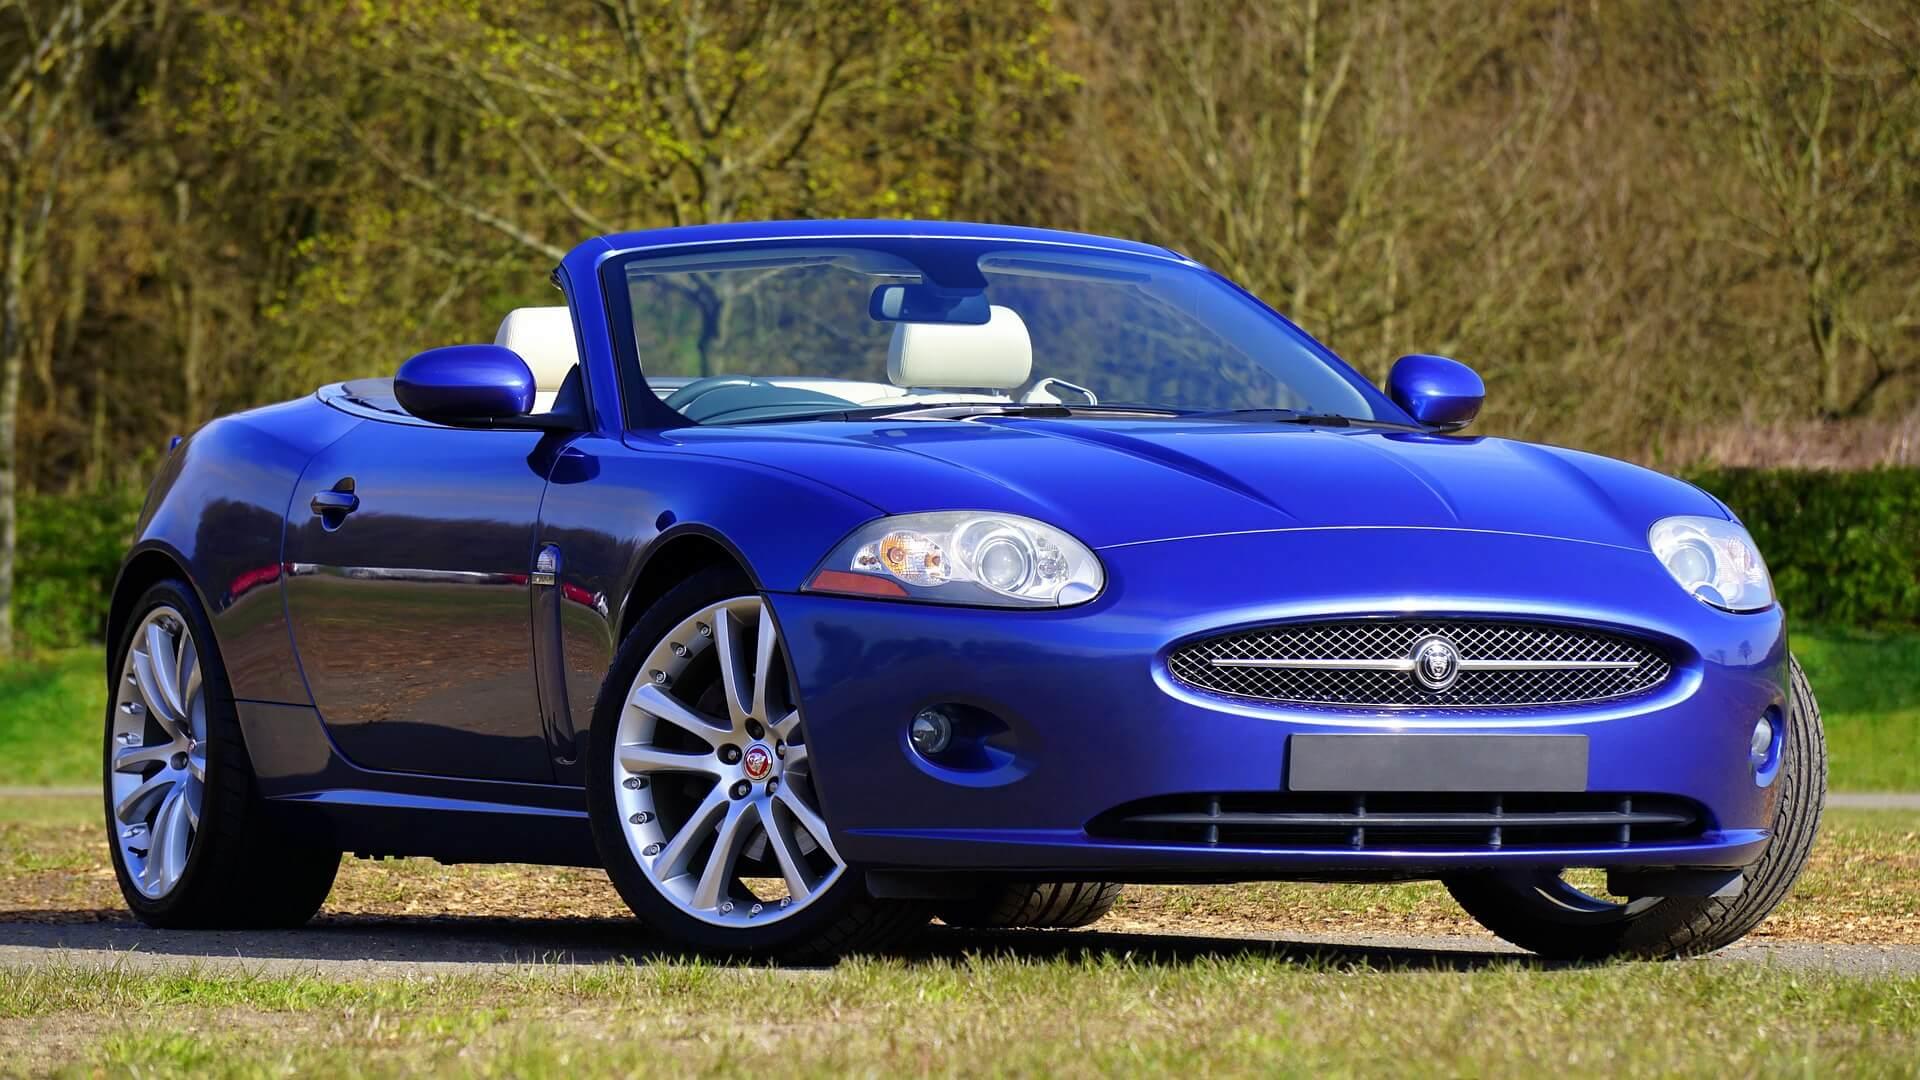 luxury purchase on loan